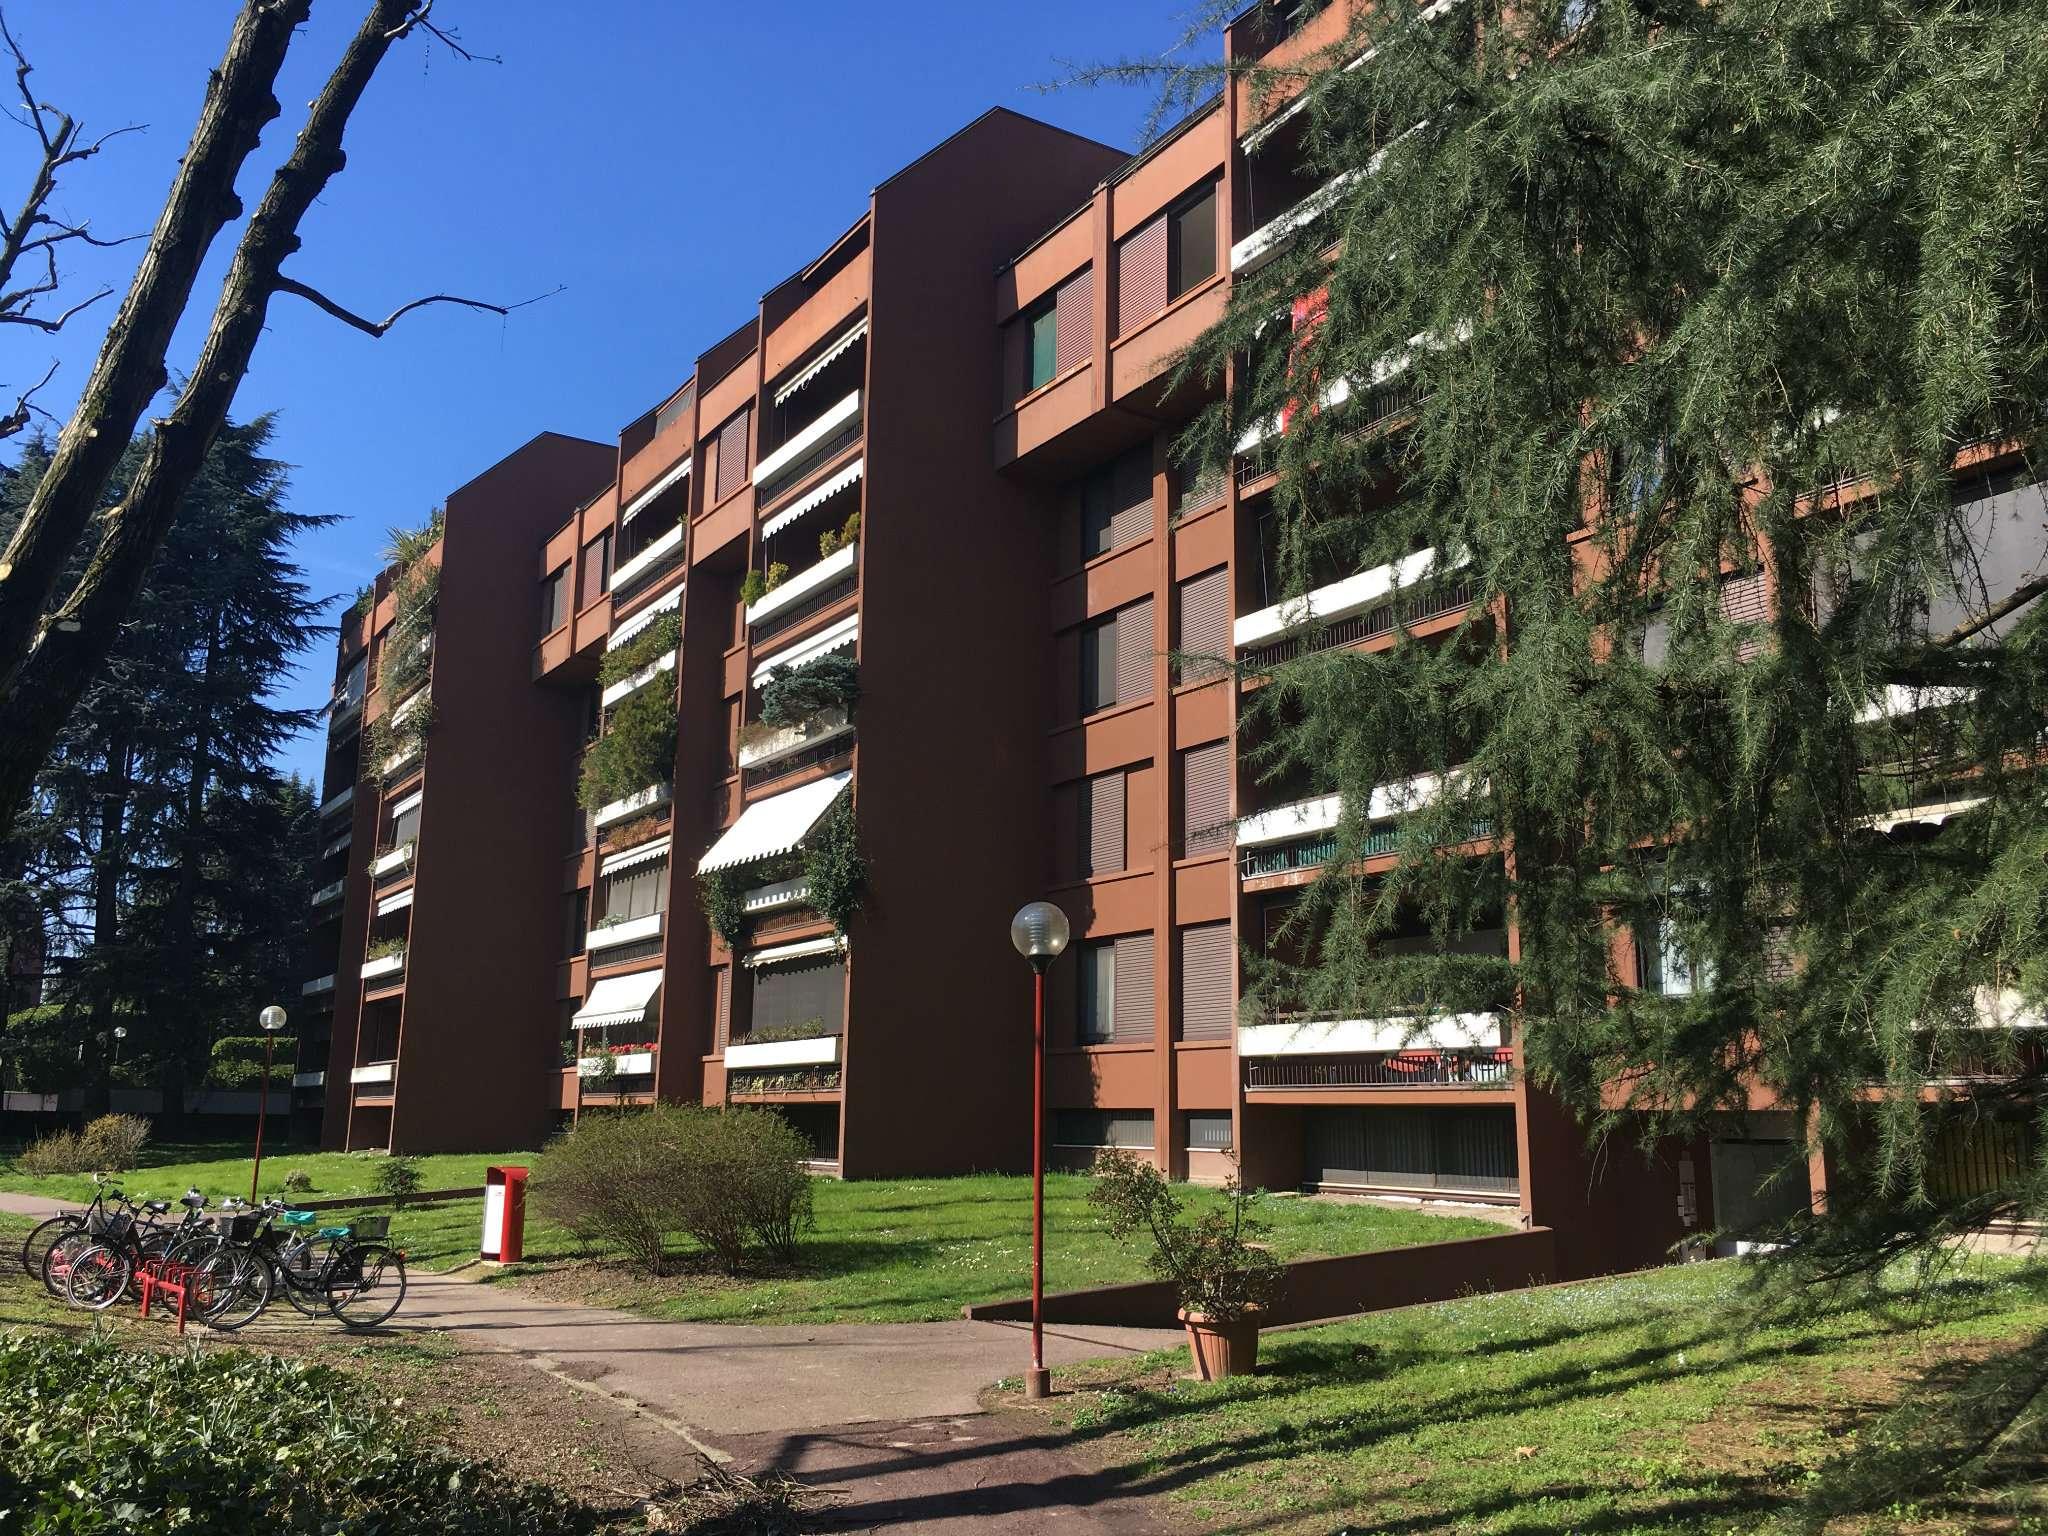 Attico / Mansarda in vendita a Basiglio, 3 locali, prezzo € 320.000 | Cambio Casa.it